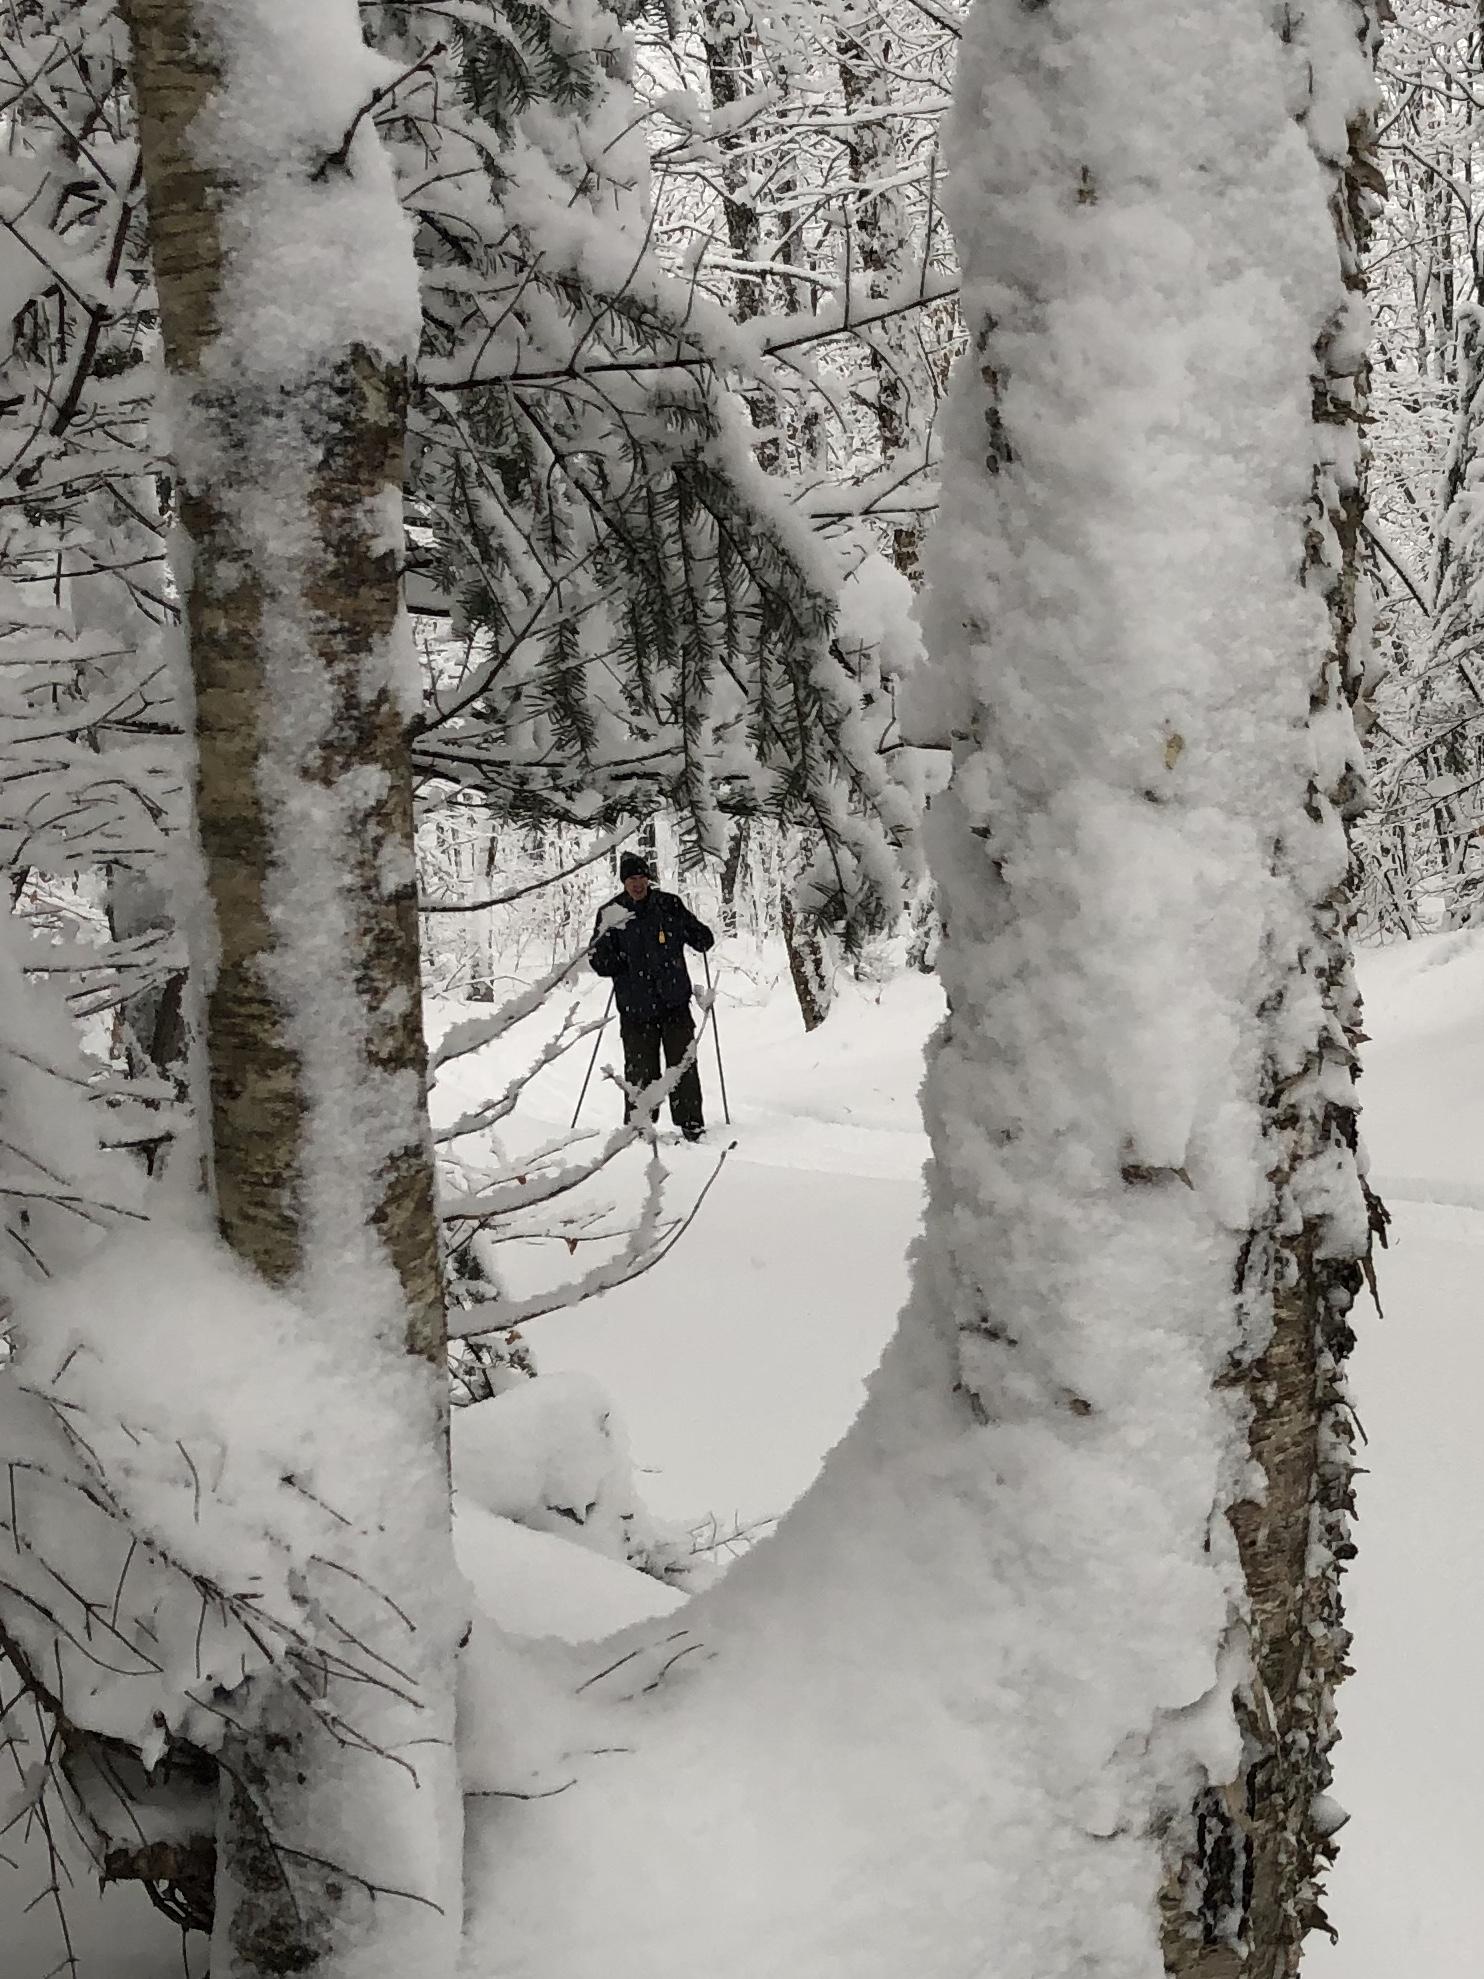 XC-ski-thru-trees.jpg